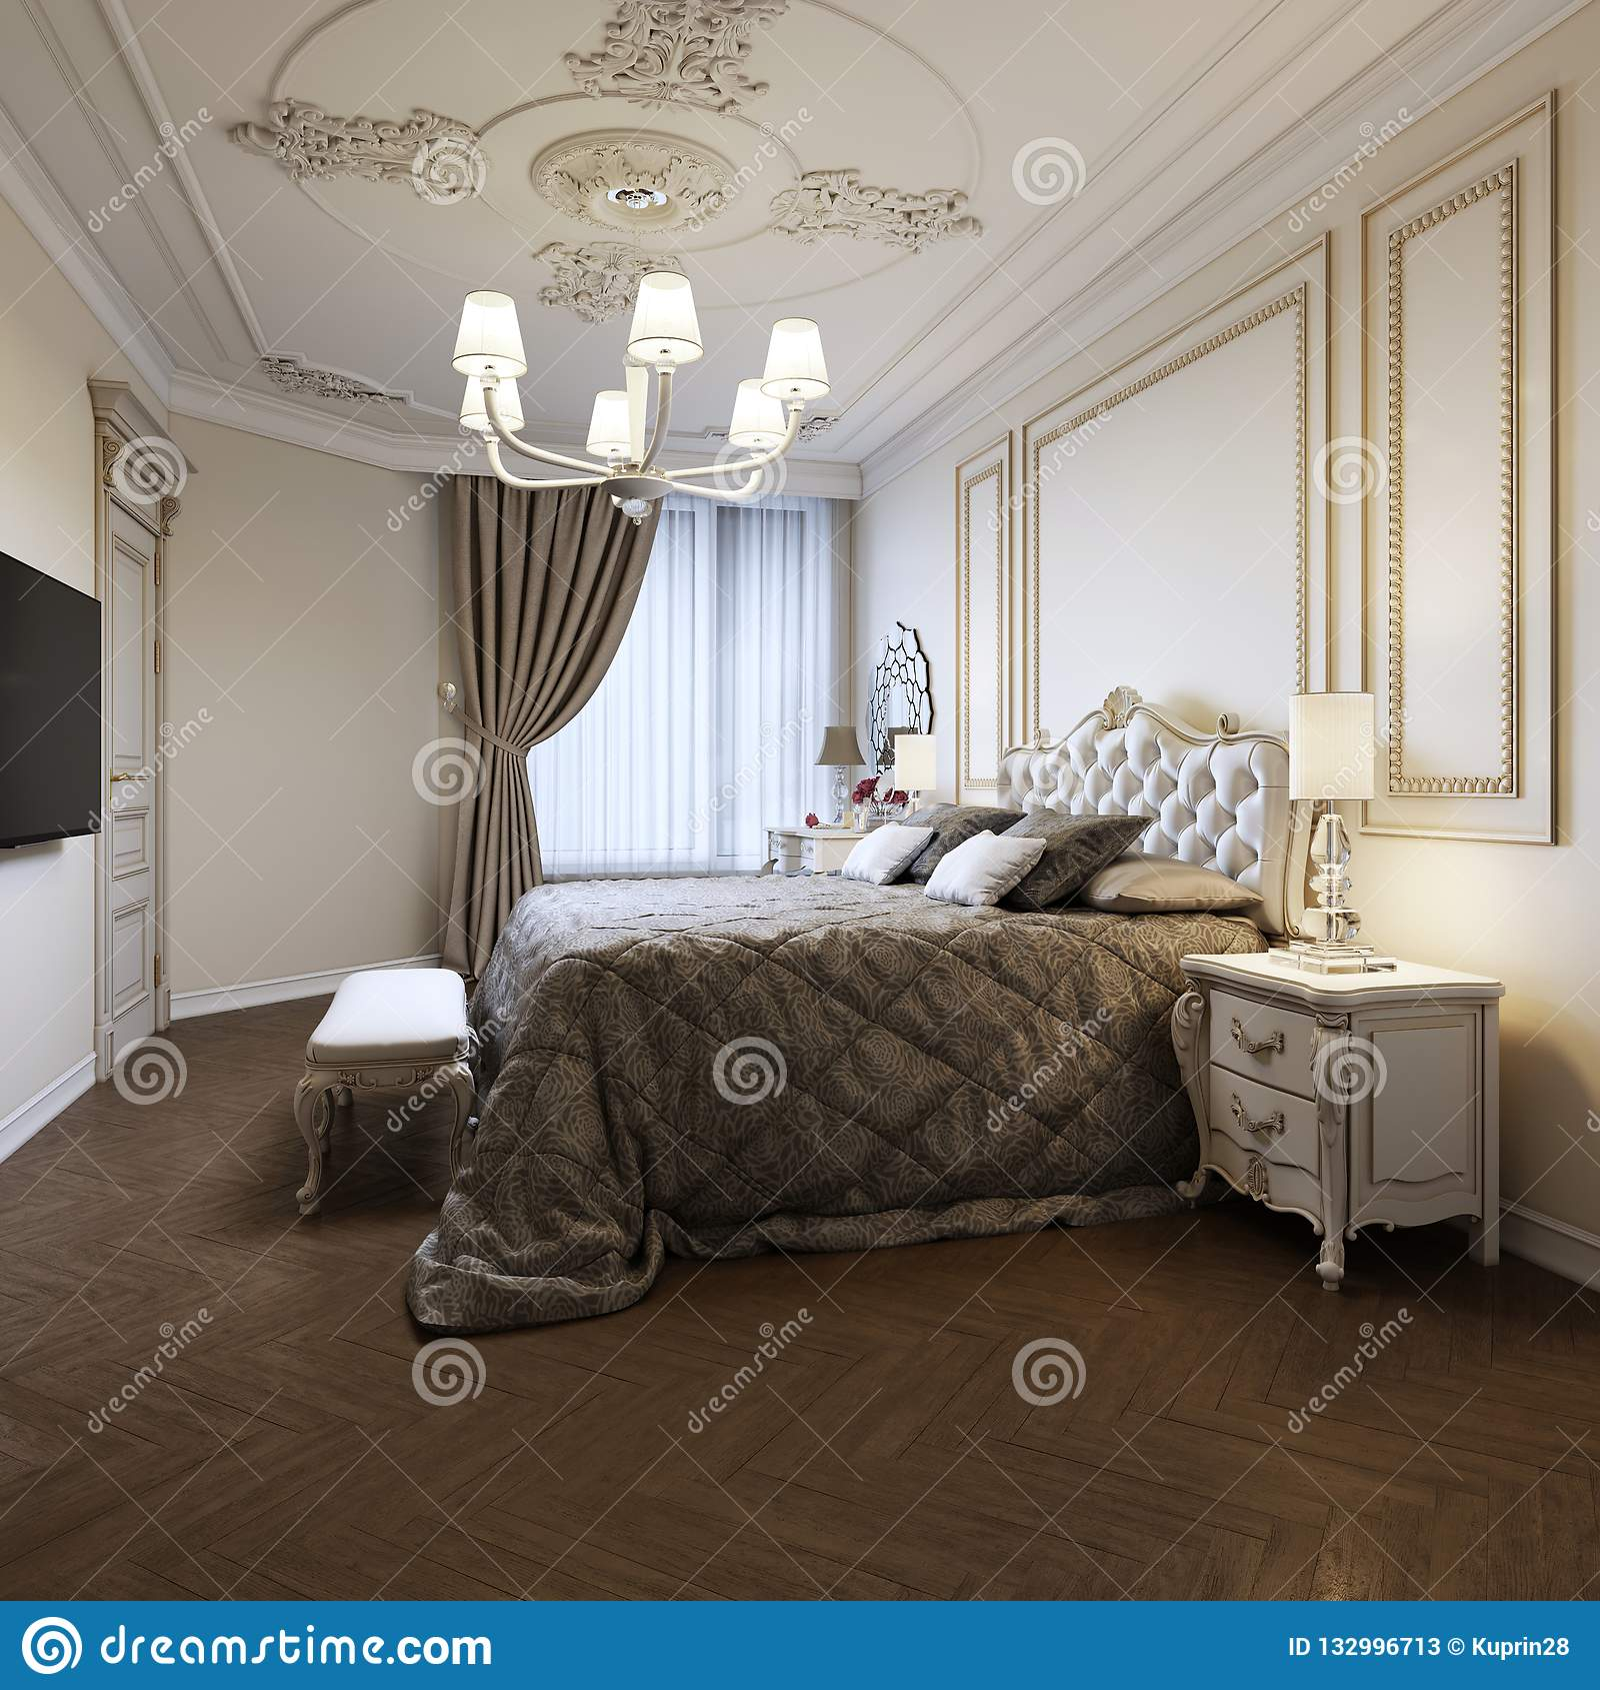 Design Pareti Camera Da Letto.Interior Design Tradizionale Della Camera Da Letto Del Classico